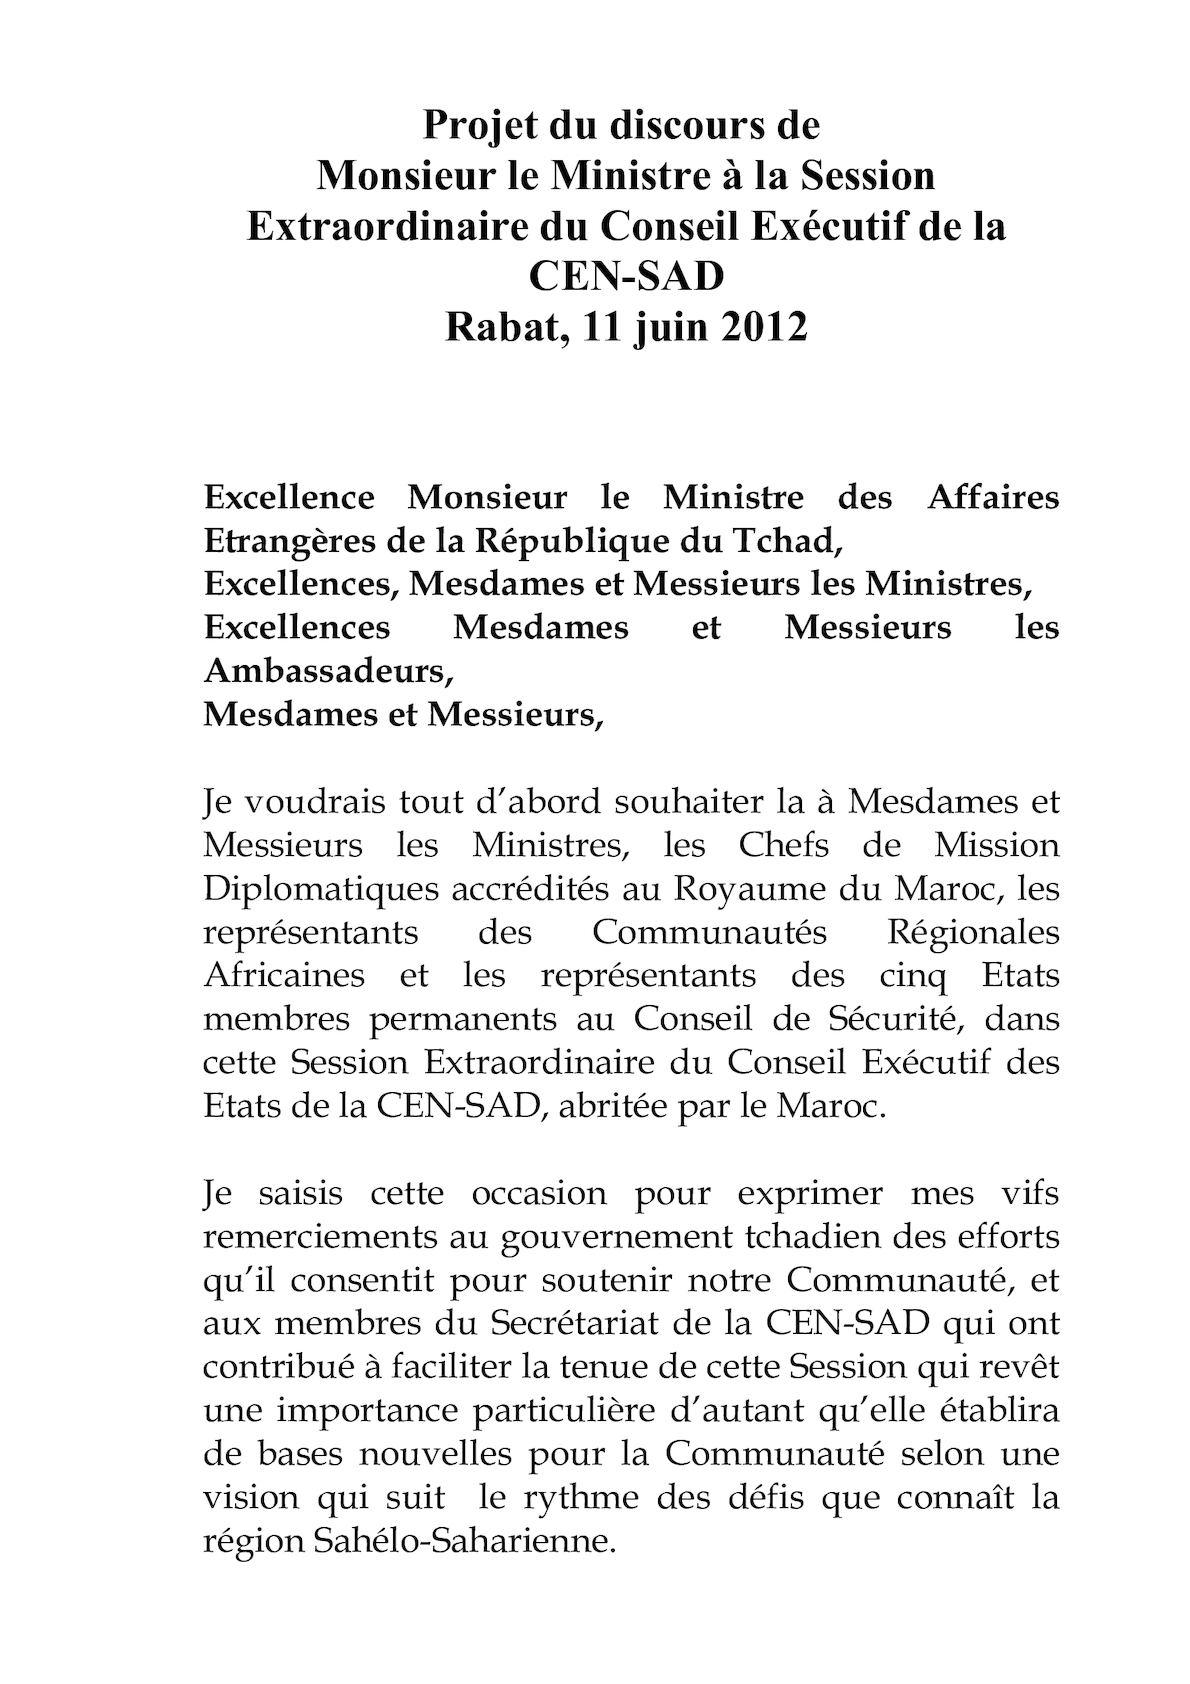 DISCOURS OUVERTURE MINISTRE FR CENSAD